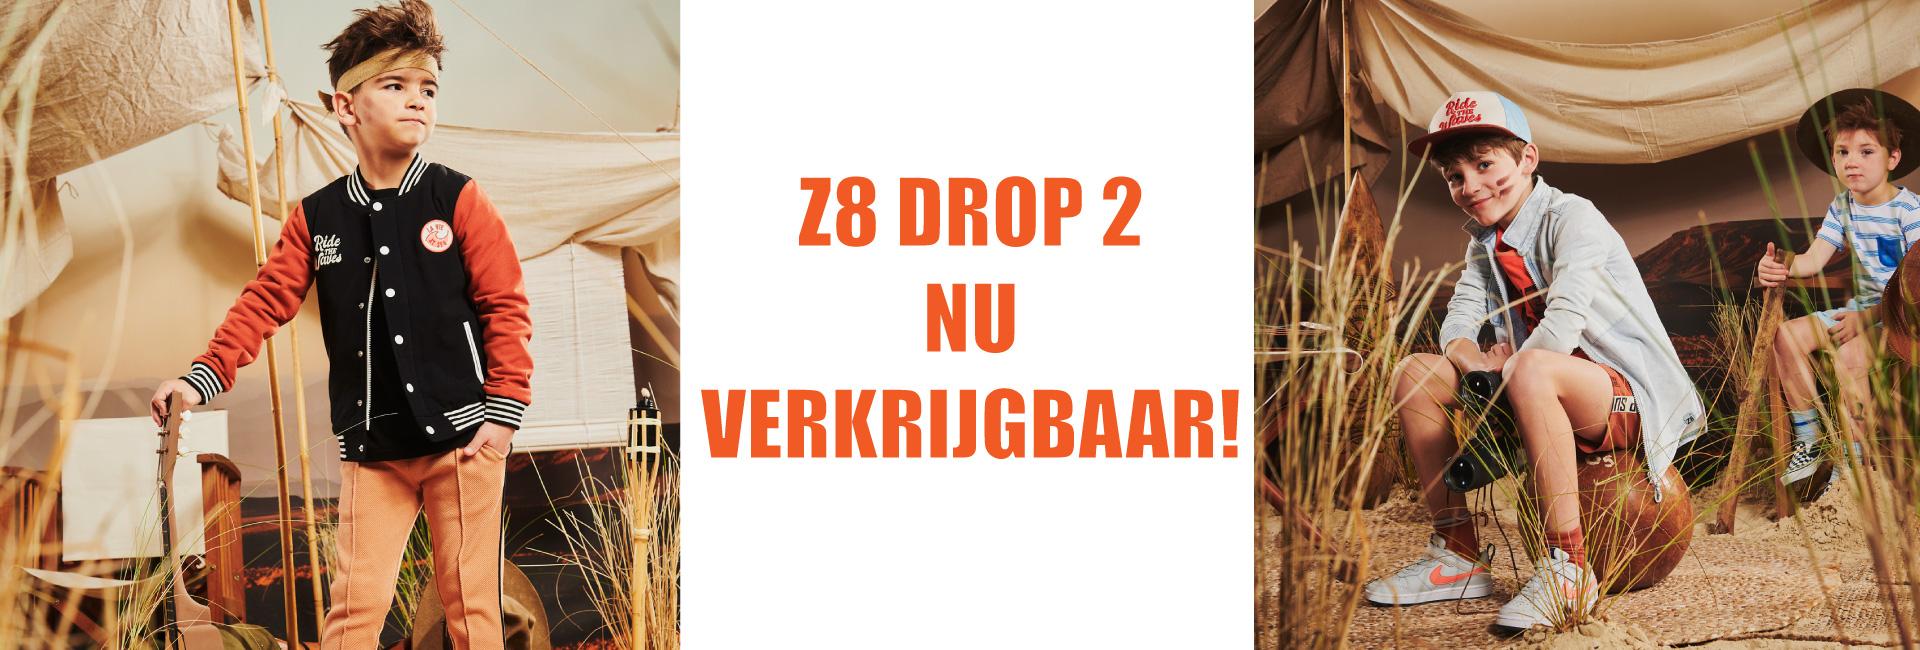 Z8 DROP 2